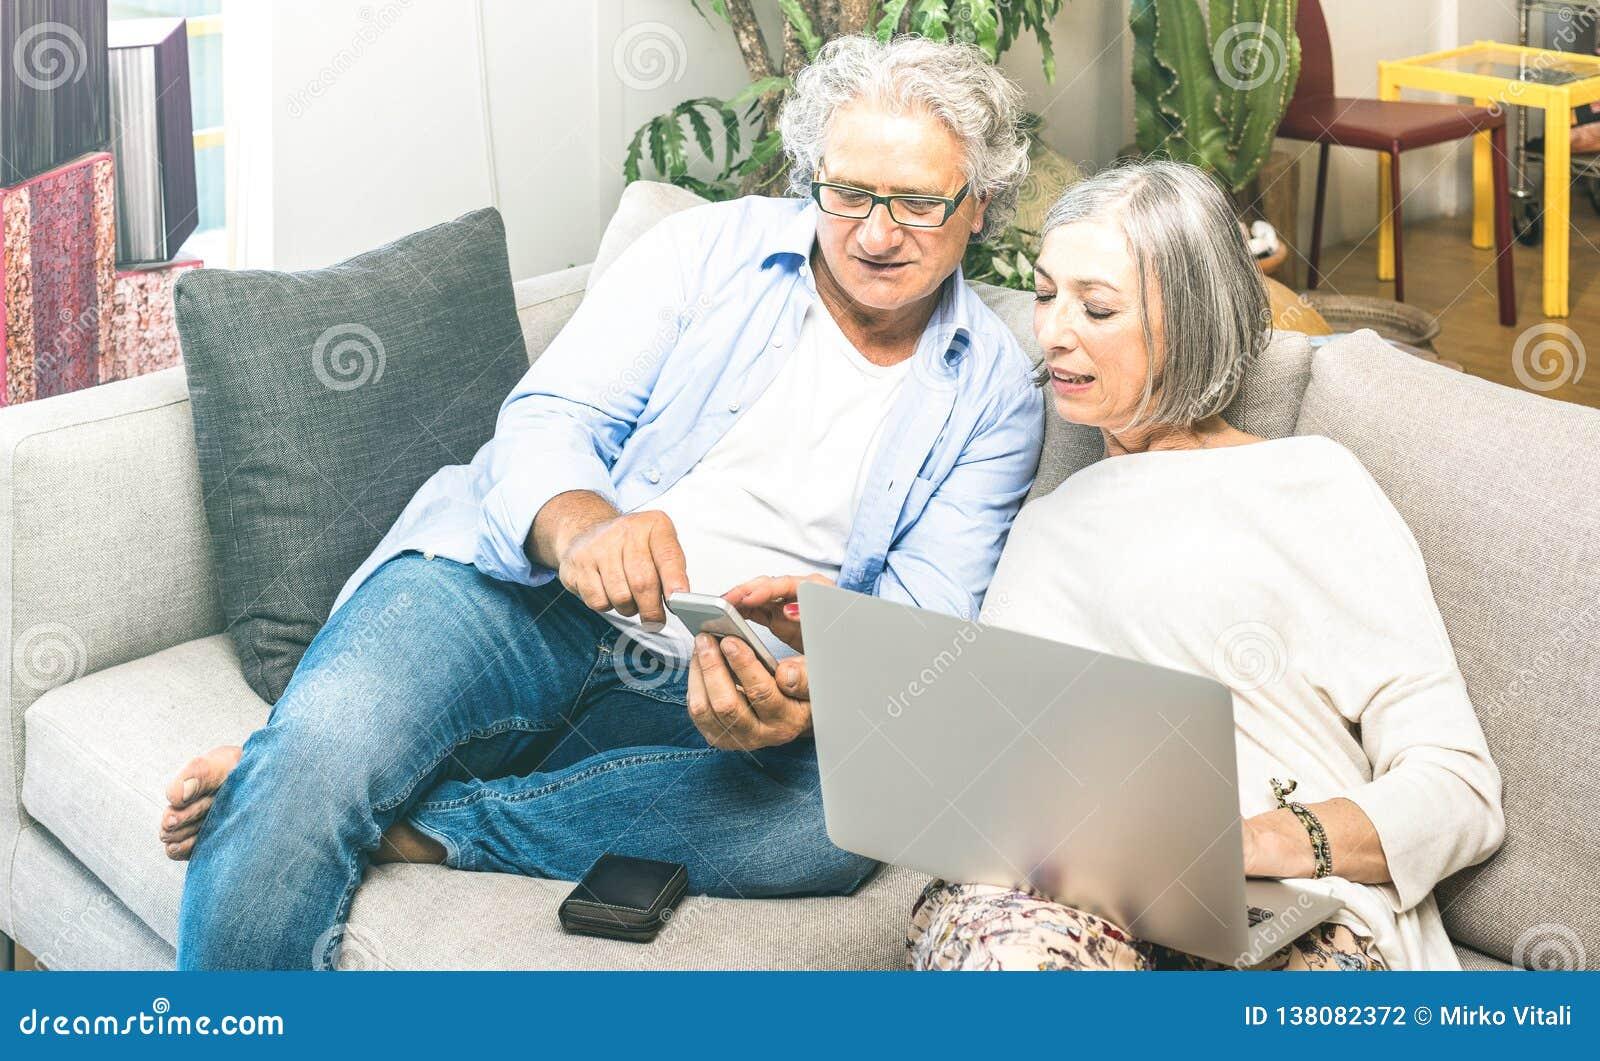 De oudste trok paar terug thuis gebruikend laptop computer op bank - Bejaarden en technologieconcept met rijpe mensen bij online